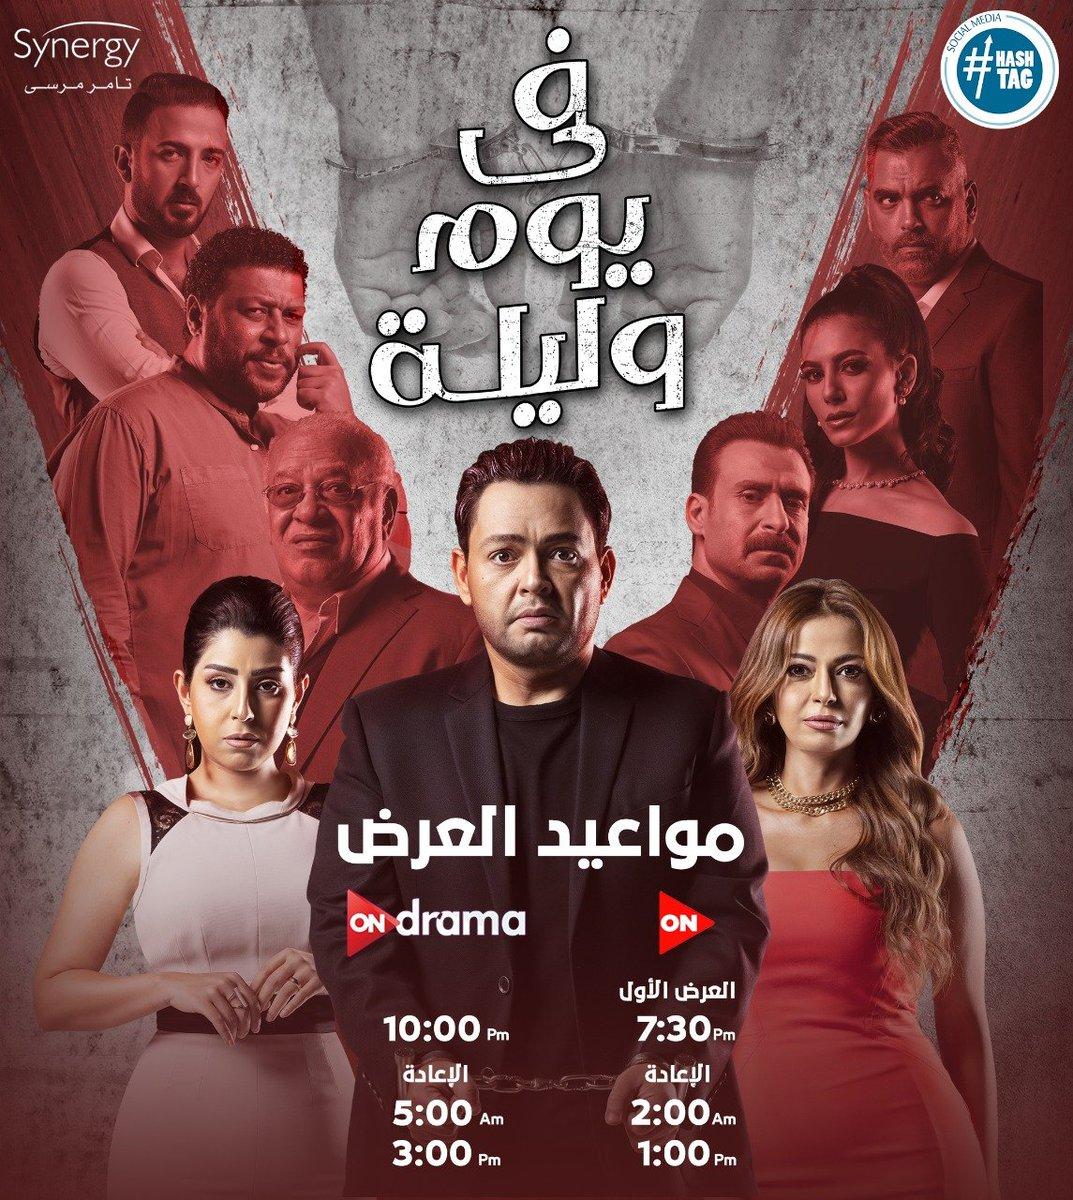 مواعيد عرض مسلسل #في_يوم_وليلة من الأحد إلى الخميس على قناة #ON 🖥😍الساعة 7:30 مساءً  ⏰والإعادة الساعة 2:00 صباحا  ⏰ و على قناة #ONDRAMA 🖥😍الساعة 10:00 مساءً 🕚والإعادة الساعة 5:00 صباحا 🕔 @tamermursii @SalahAbdallah @AYTENAMER https://t.co/FsXW3eRJPM